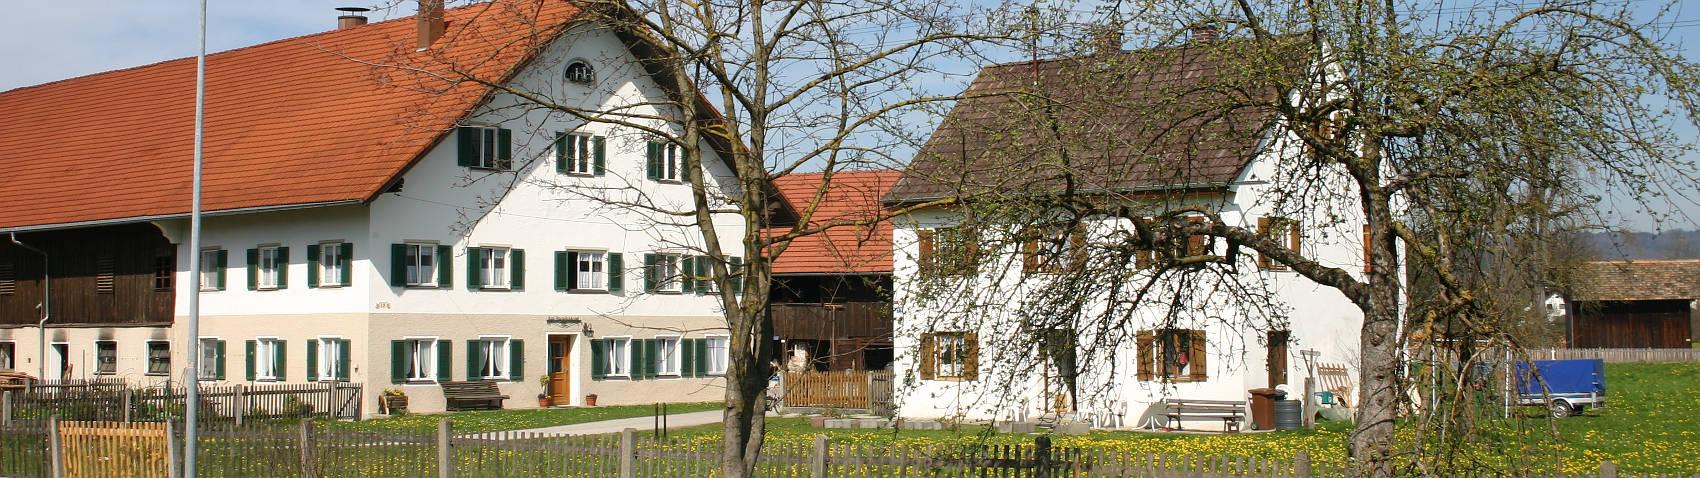 kostenlose kleinanzeigen erotik Landau in der Pfalz